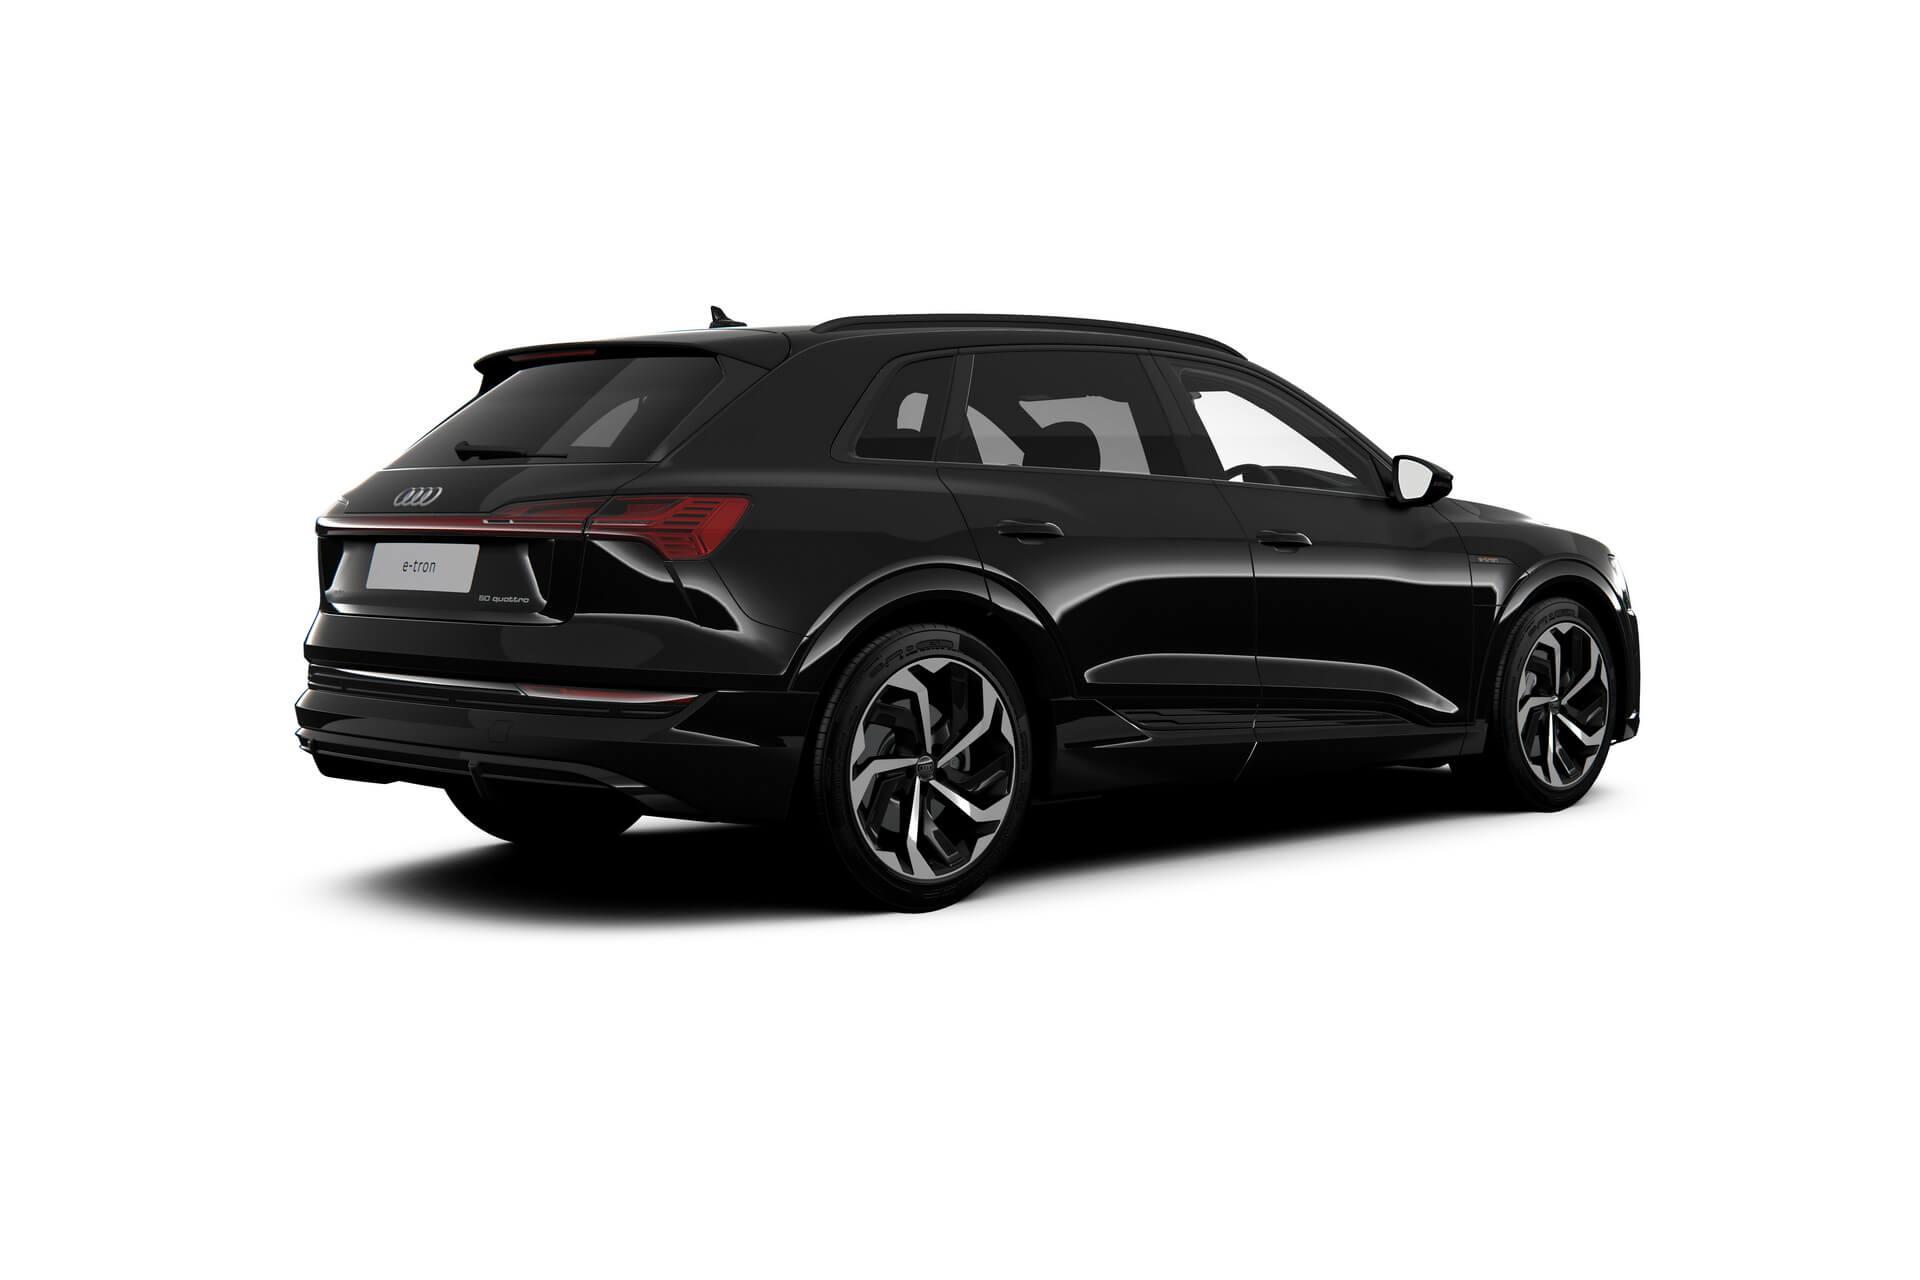 Audi e-tron 55 quattro Black Edition